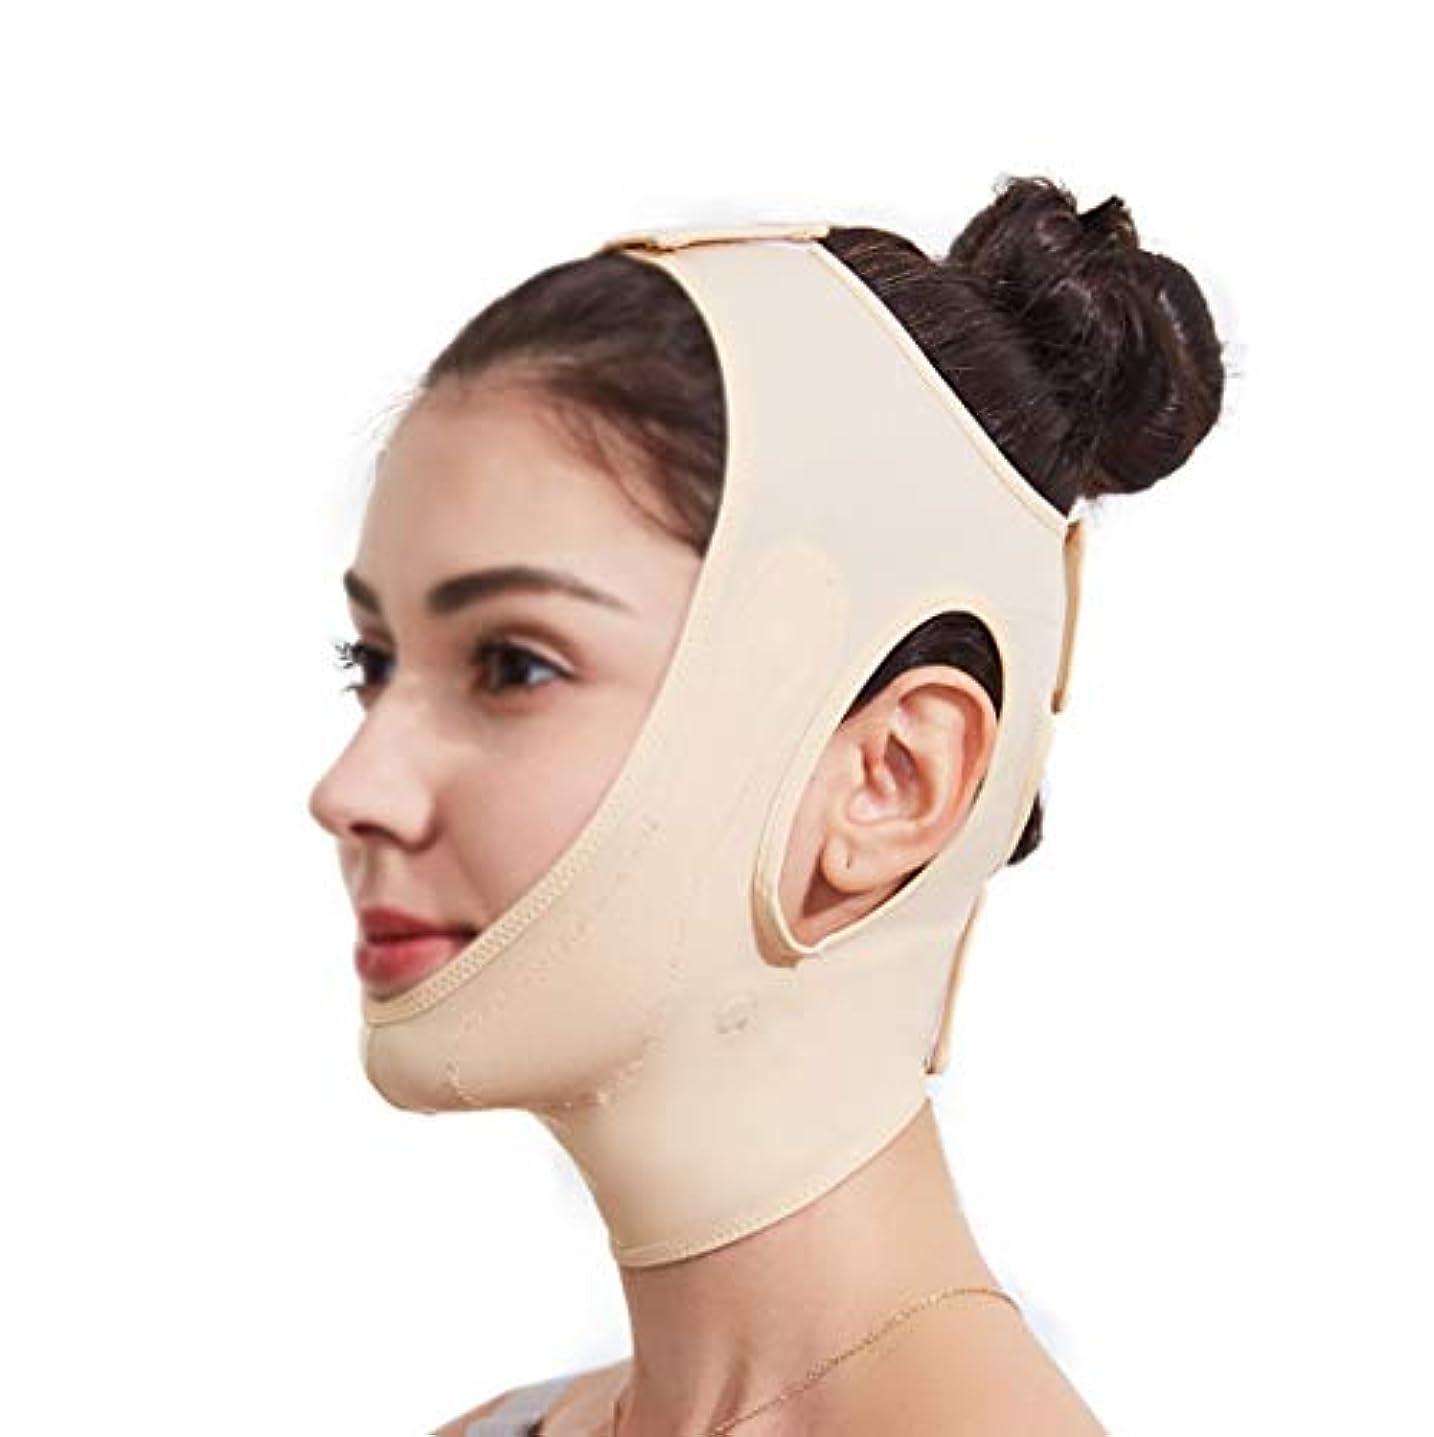 サーカス学生グラマーMLX フェイスリフティングマスク、360°オールラウンドリフティングフェイシャルコンター、あごを閉じて肌を引き締め、快適でフェイスライトと通気性をサポート (Color : Skin color)